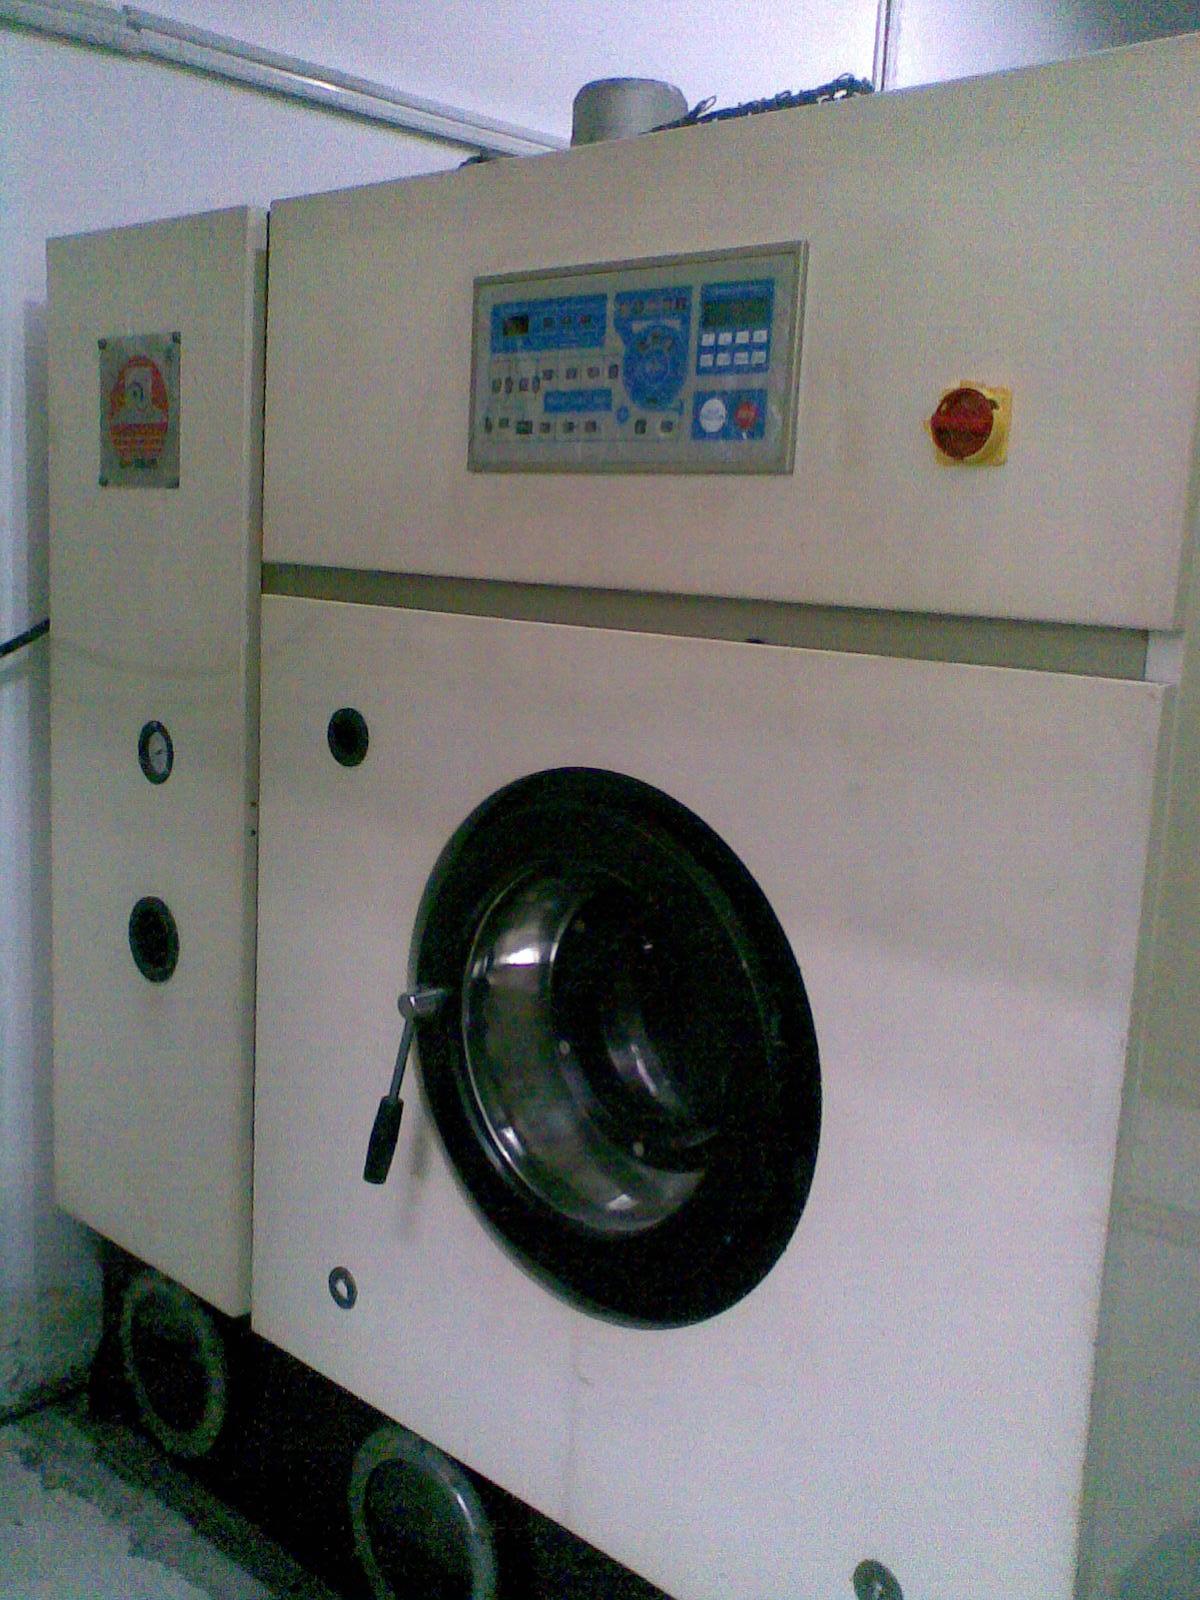 專業銷售維修二手干洗機,干洗店全套設備,水洗機等全套設備等各種干洗